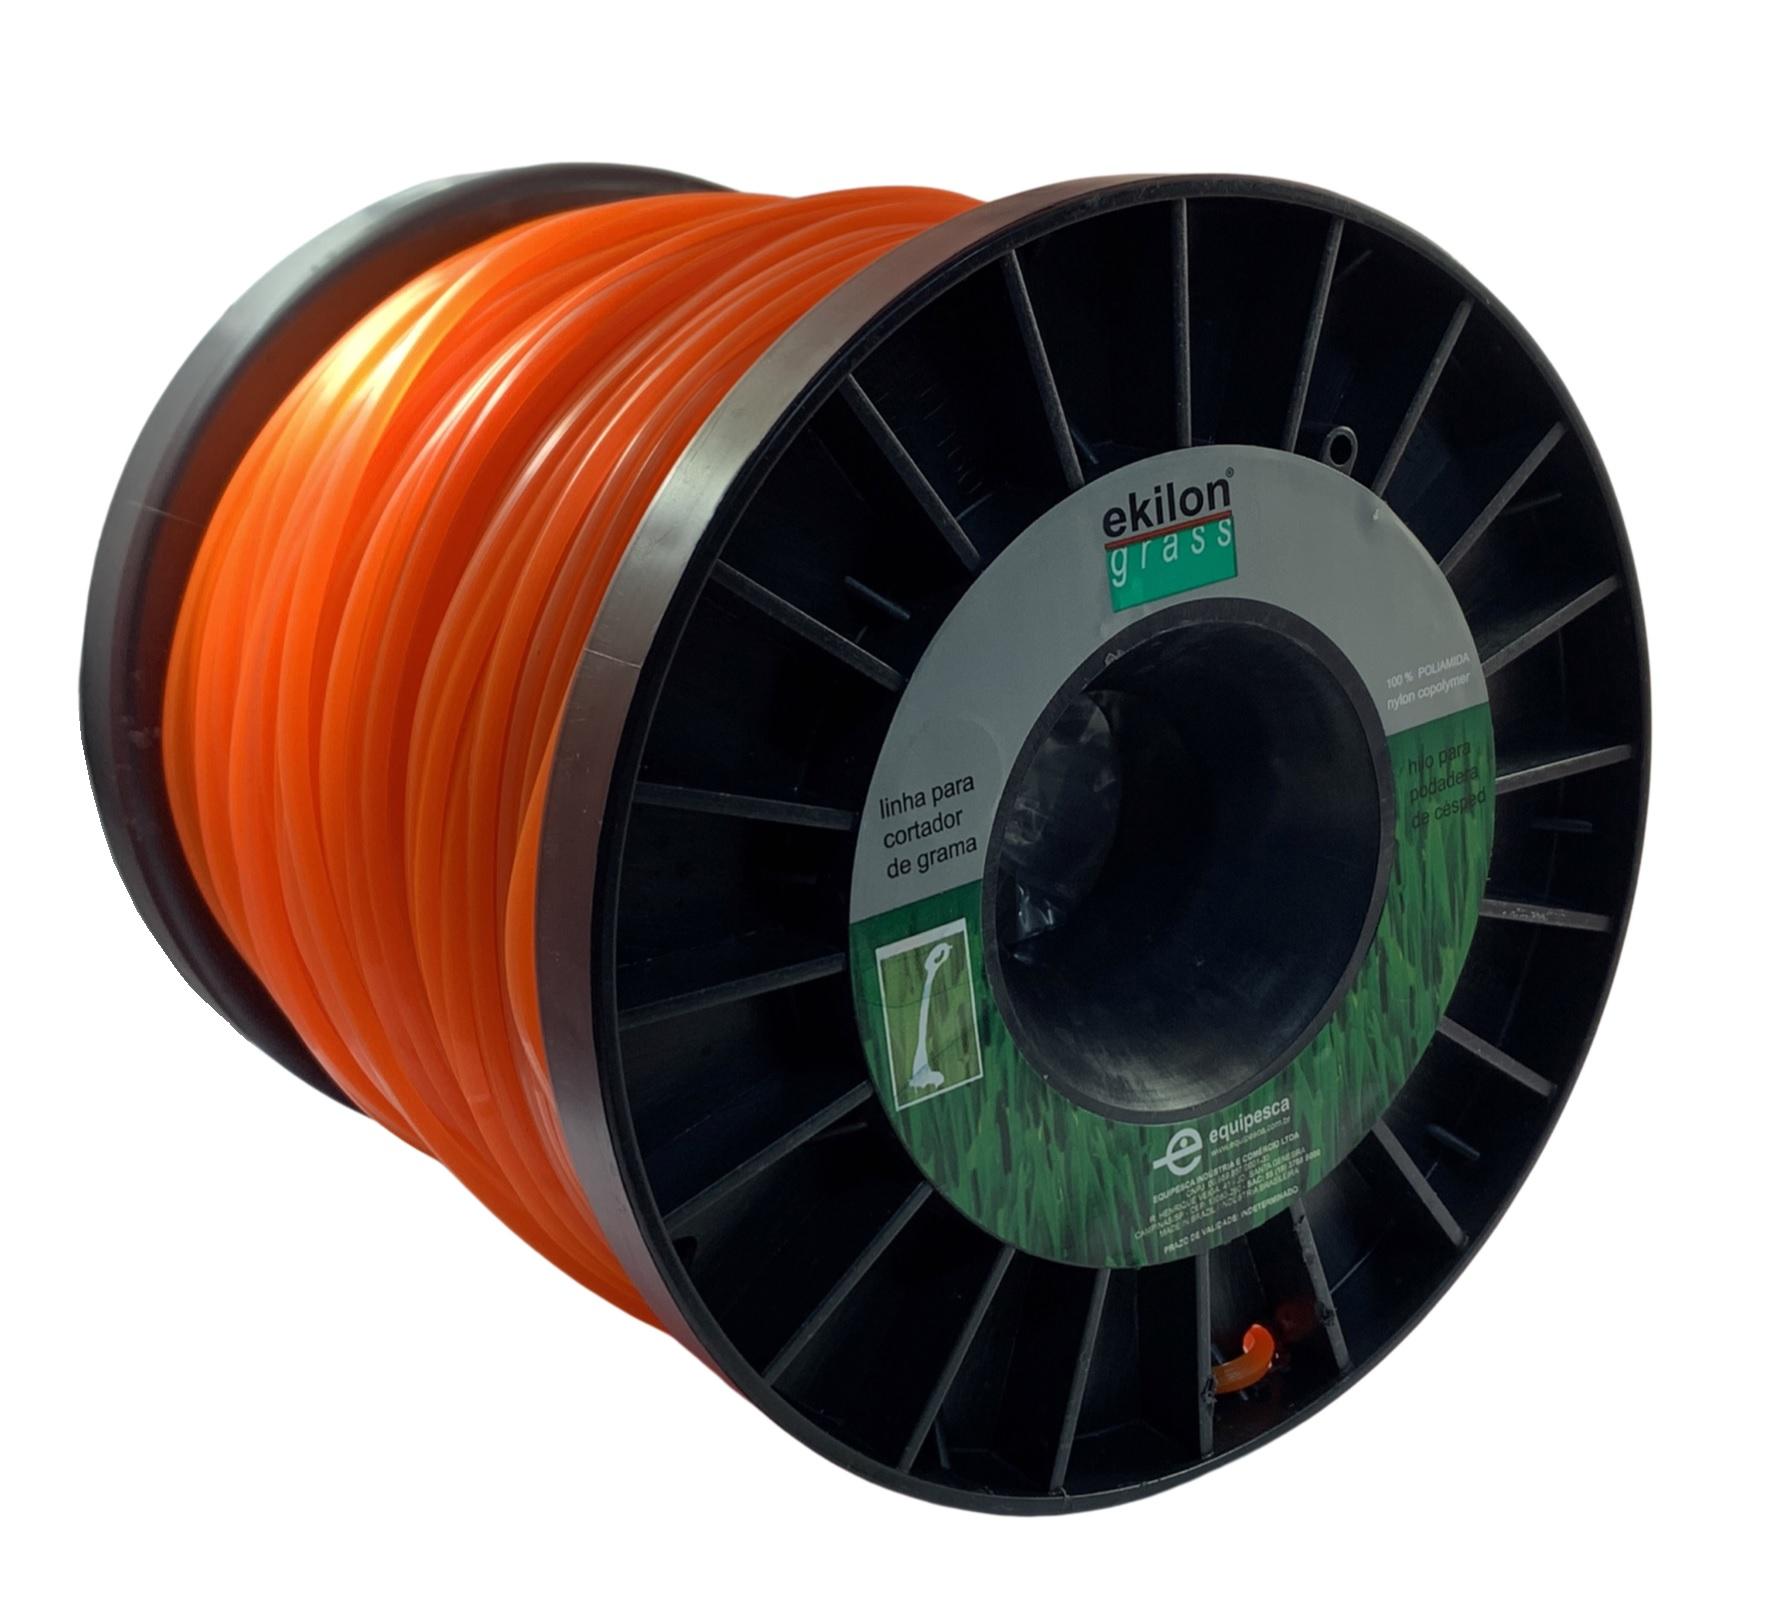 Fio De Nylon Quadrado 3mm Ekilon® Grass - 1 Kilo